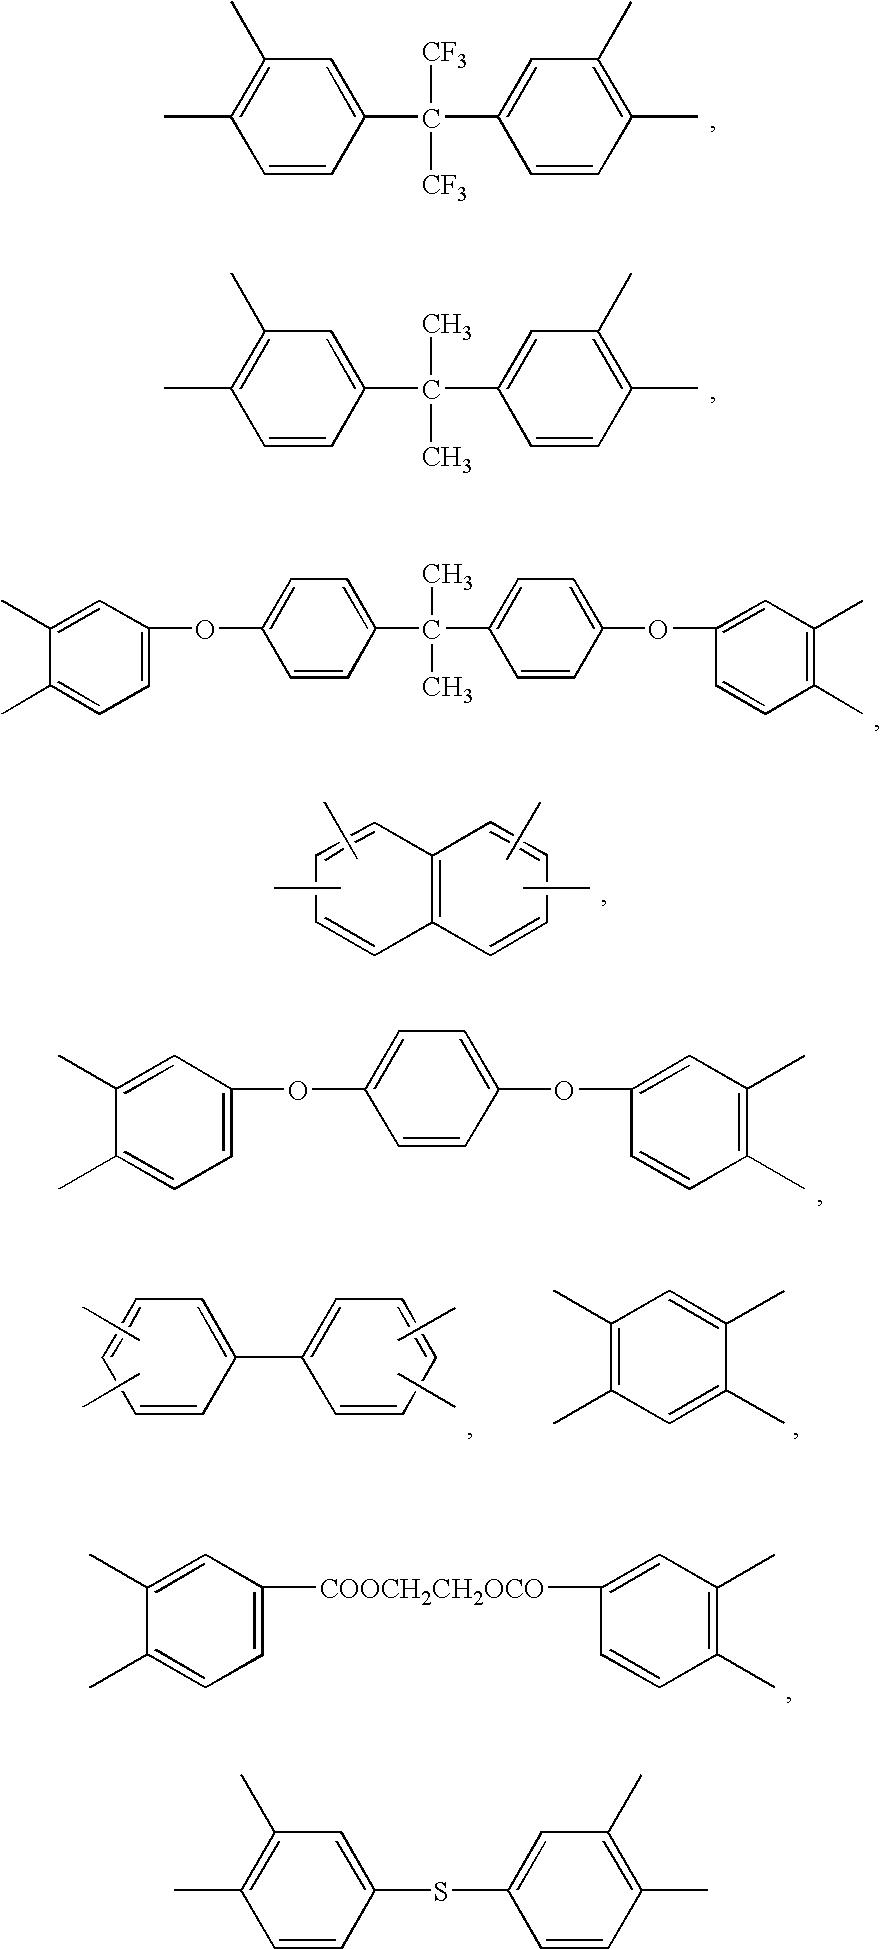 Figure US08132677-20120313-C00003